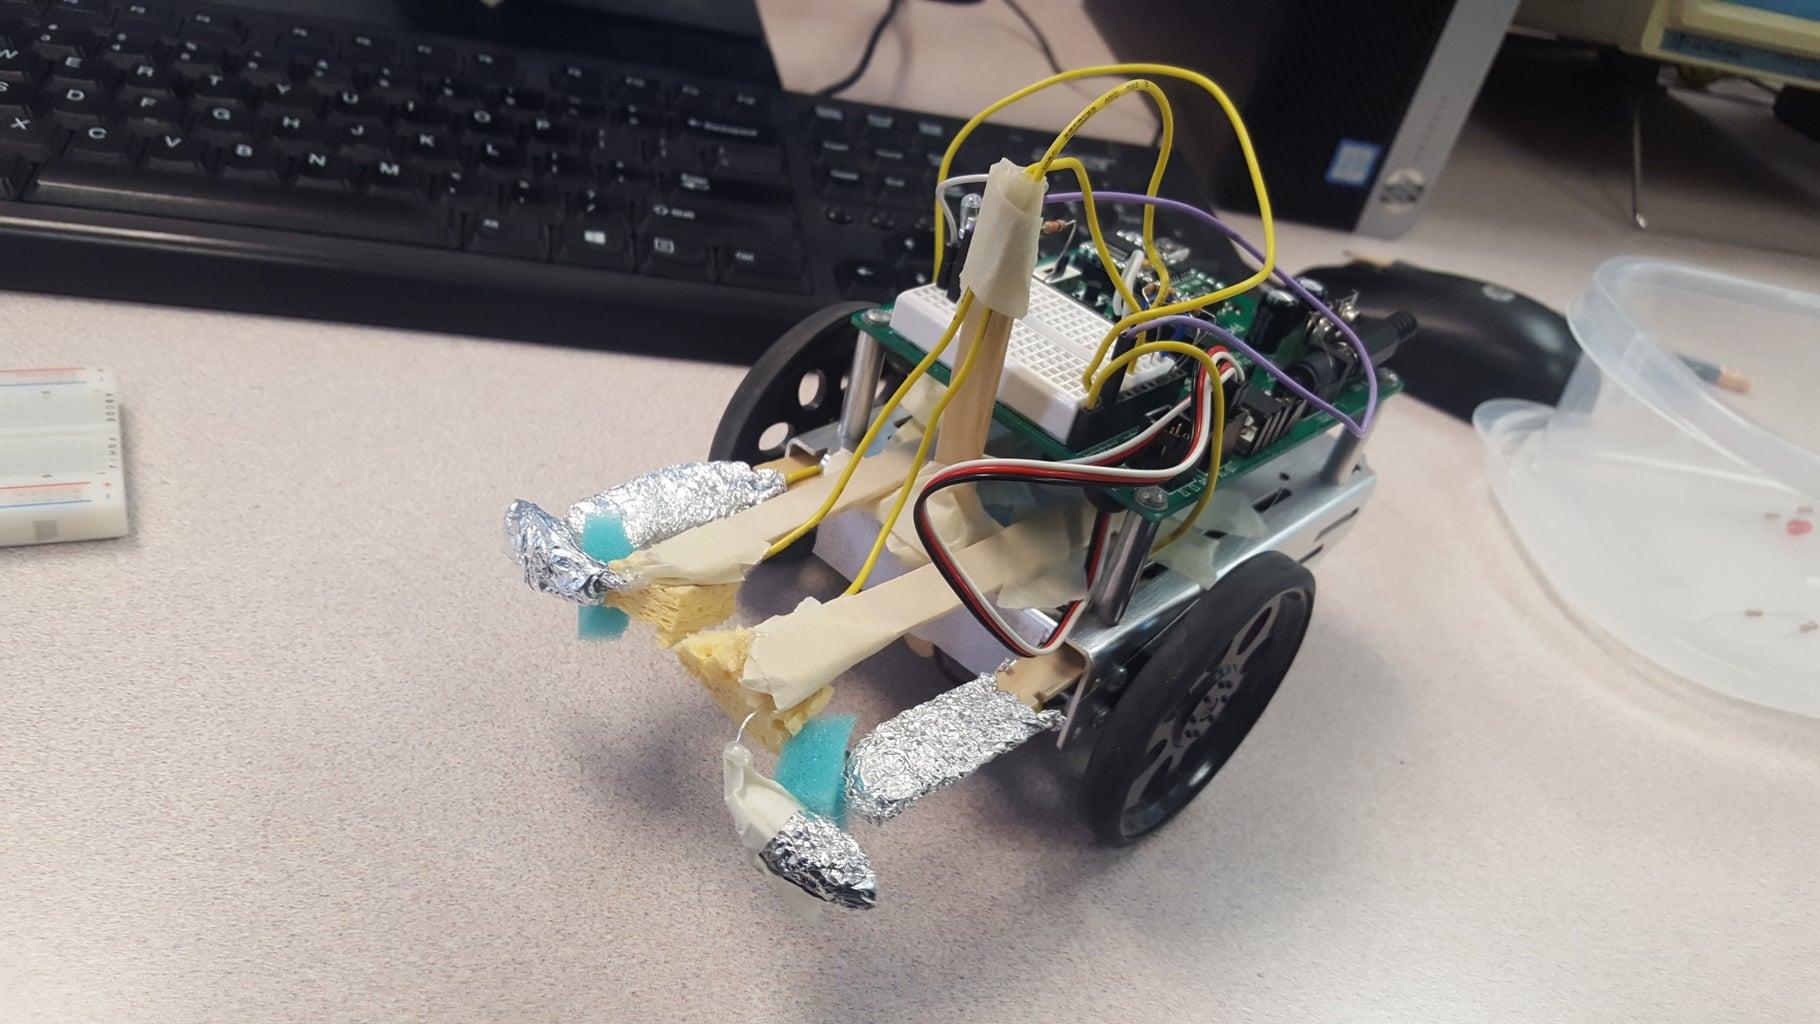 Maze Solving Robot - Uv Bot